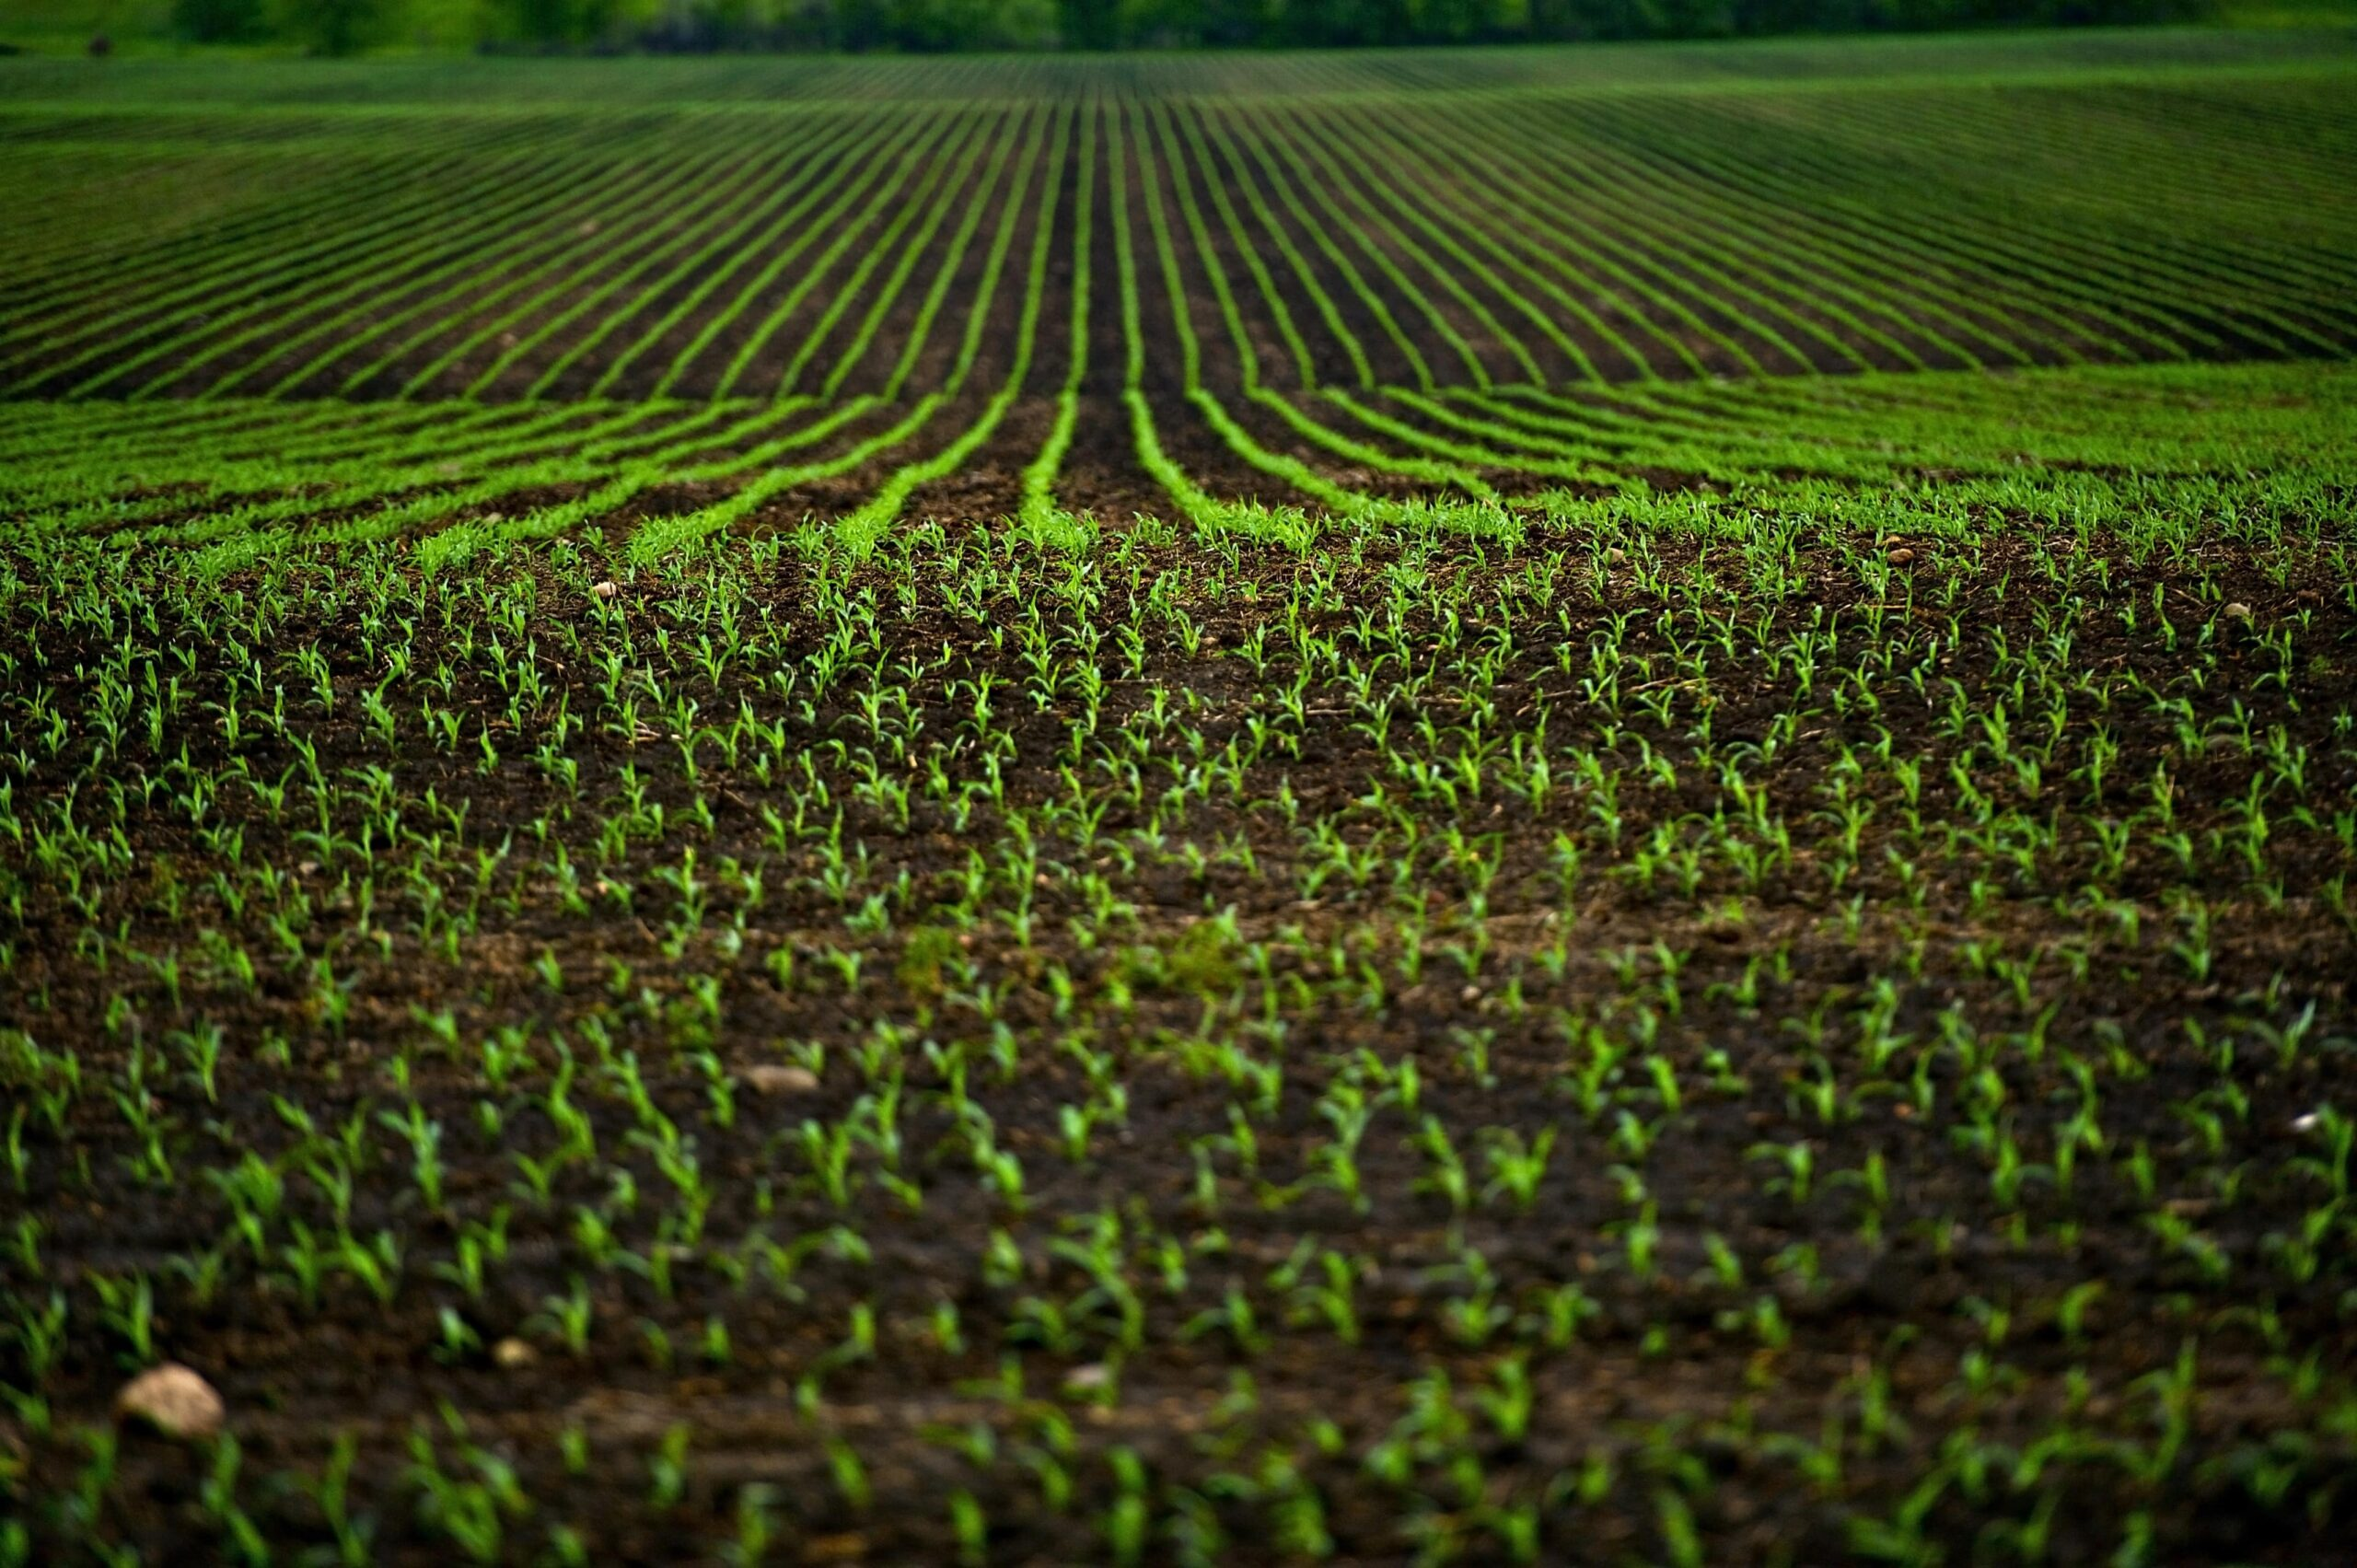 830 de milioane dinari pentru producția vegetală și zootehnie